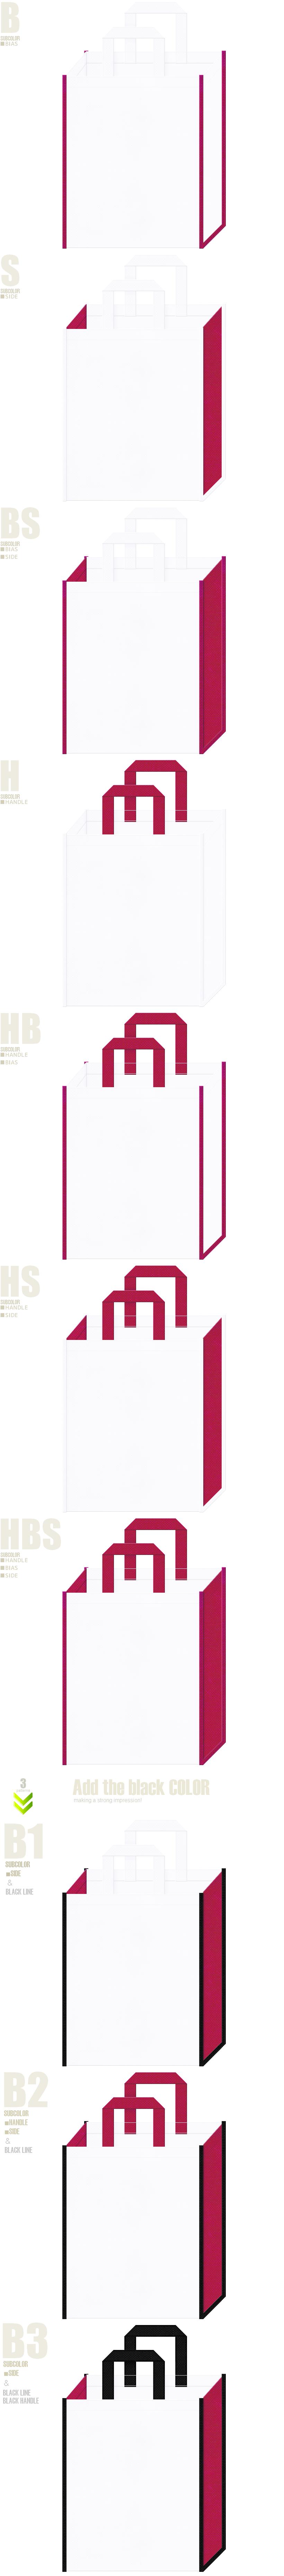 展示会用バッグ・スポーツイベント・スポーツ用品・ロボット・病院・看護士研修・医療機器・看護学部・学校・学園・オープンキャンパスにお奨めの不織布バッグデザイン:白色と濃いピンク色のコーデ10パターン